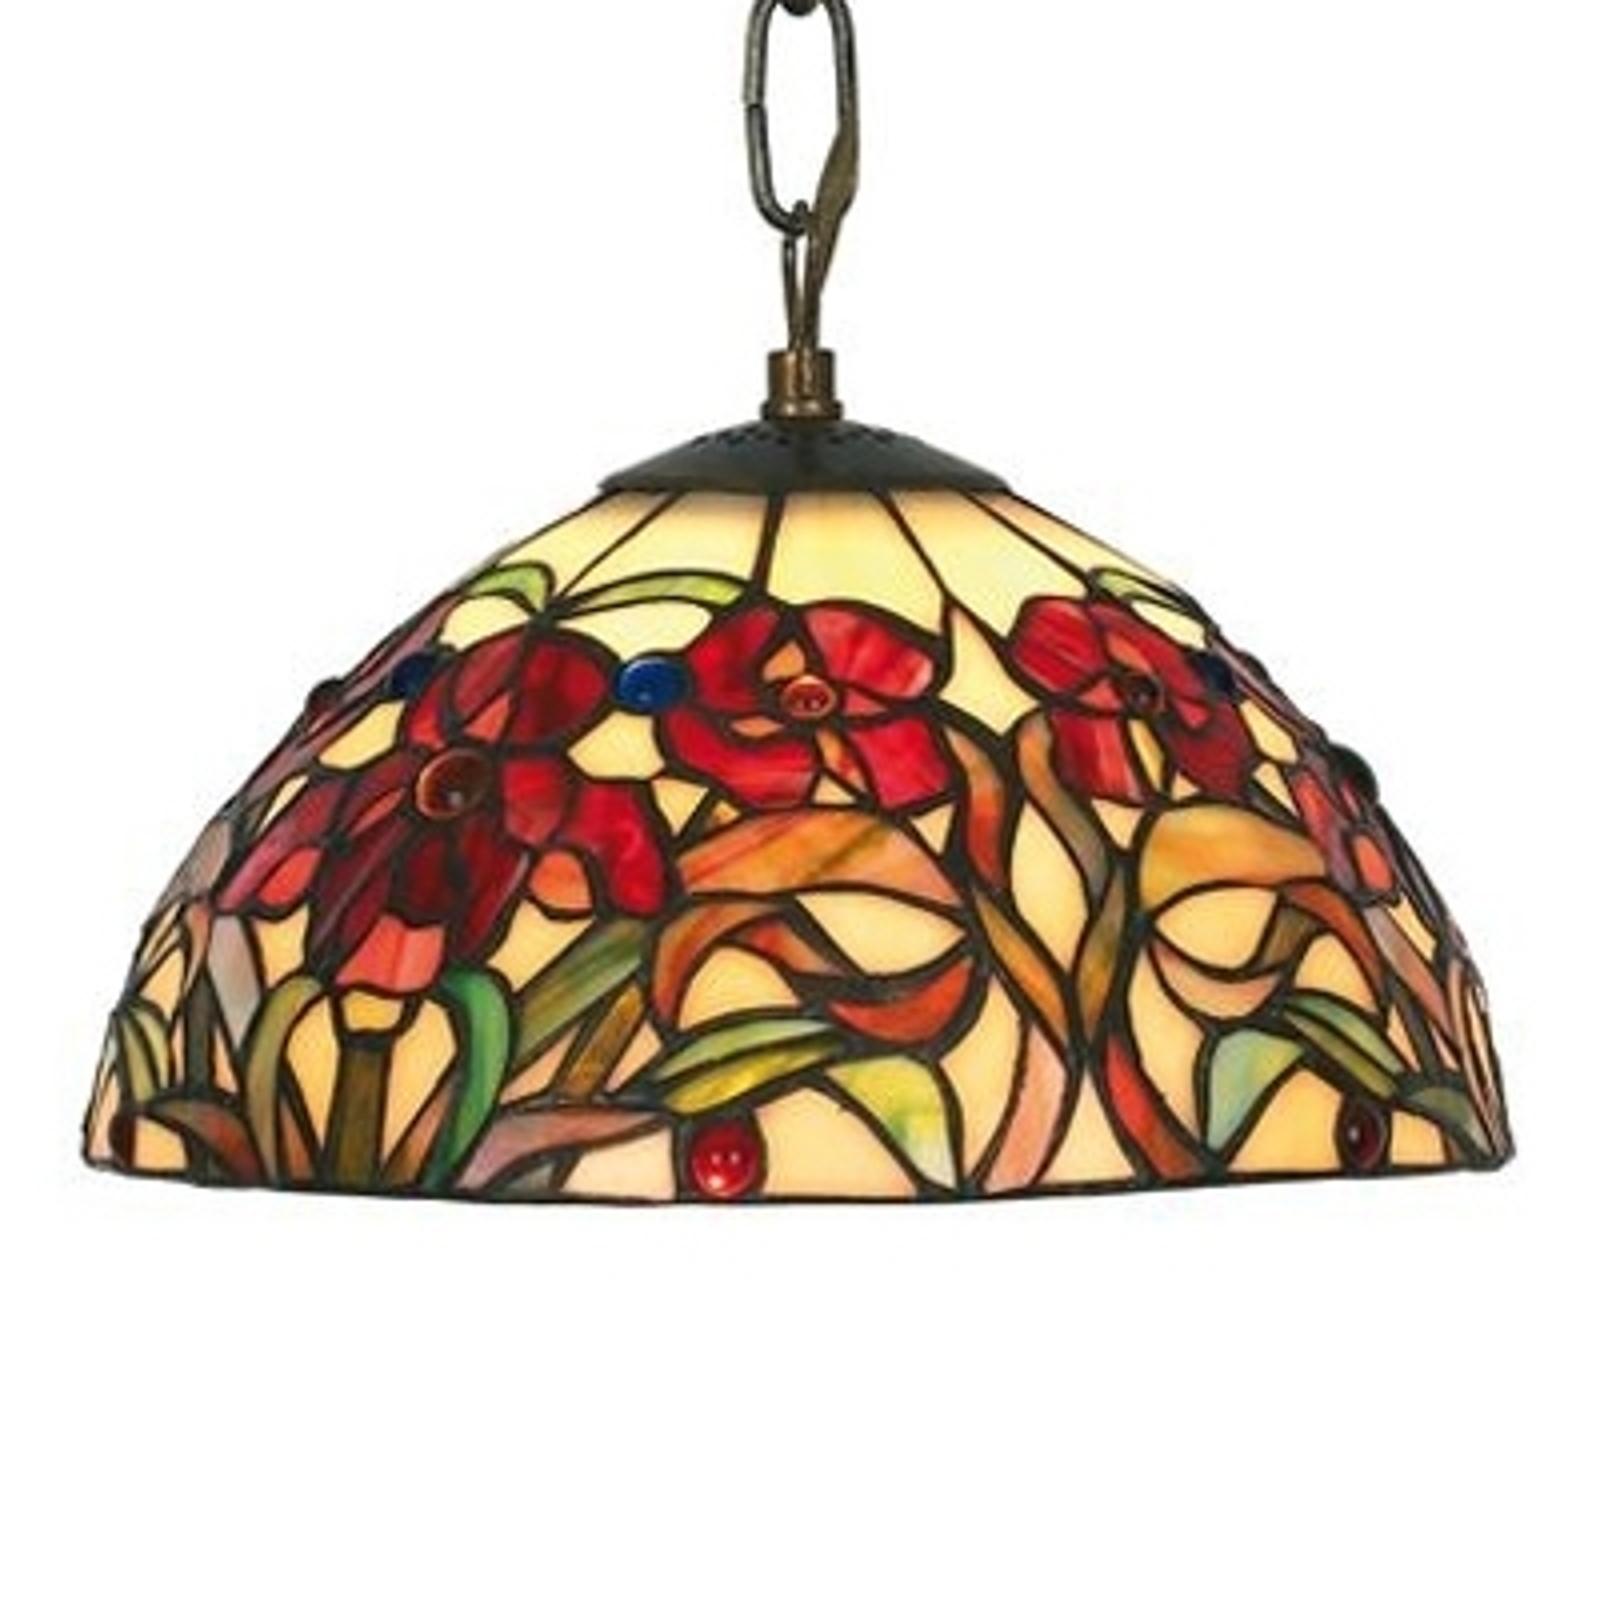 Pequeña lámpara colgante Eline en estilo Tiffany